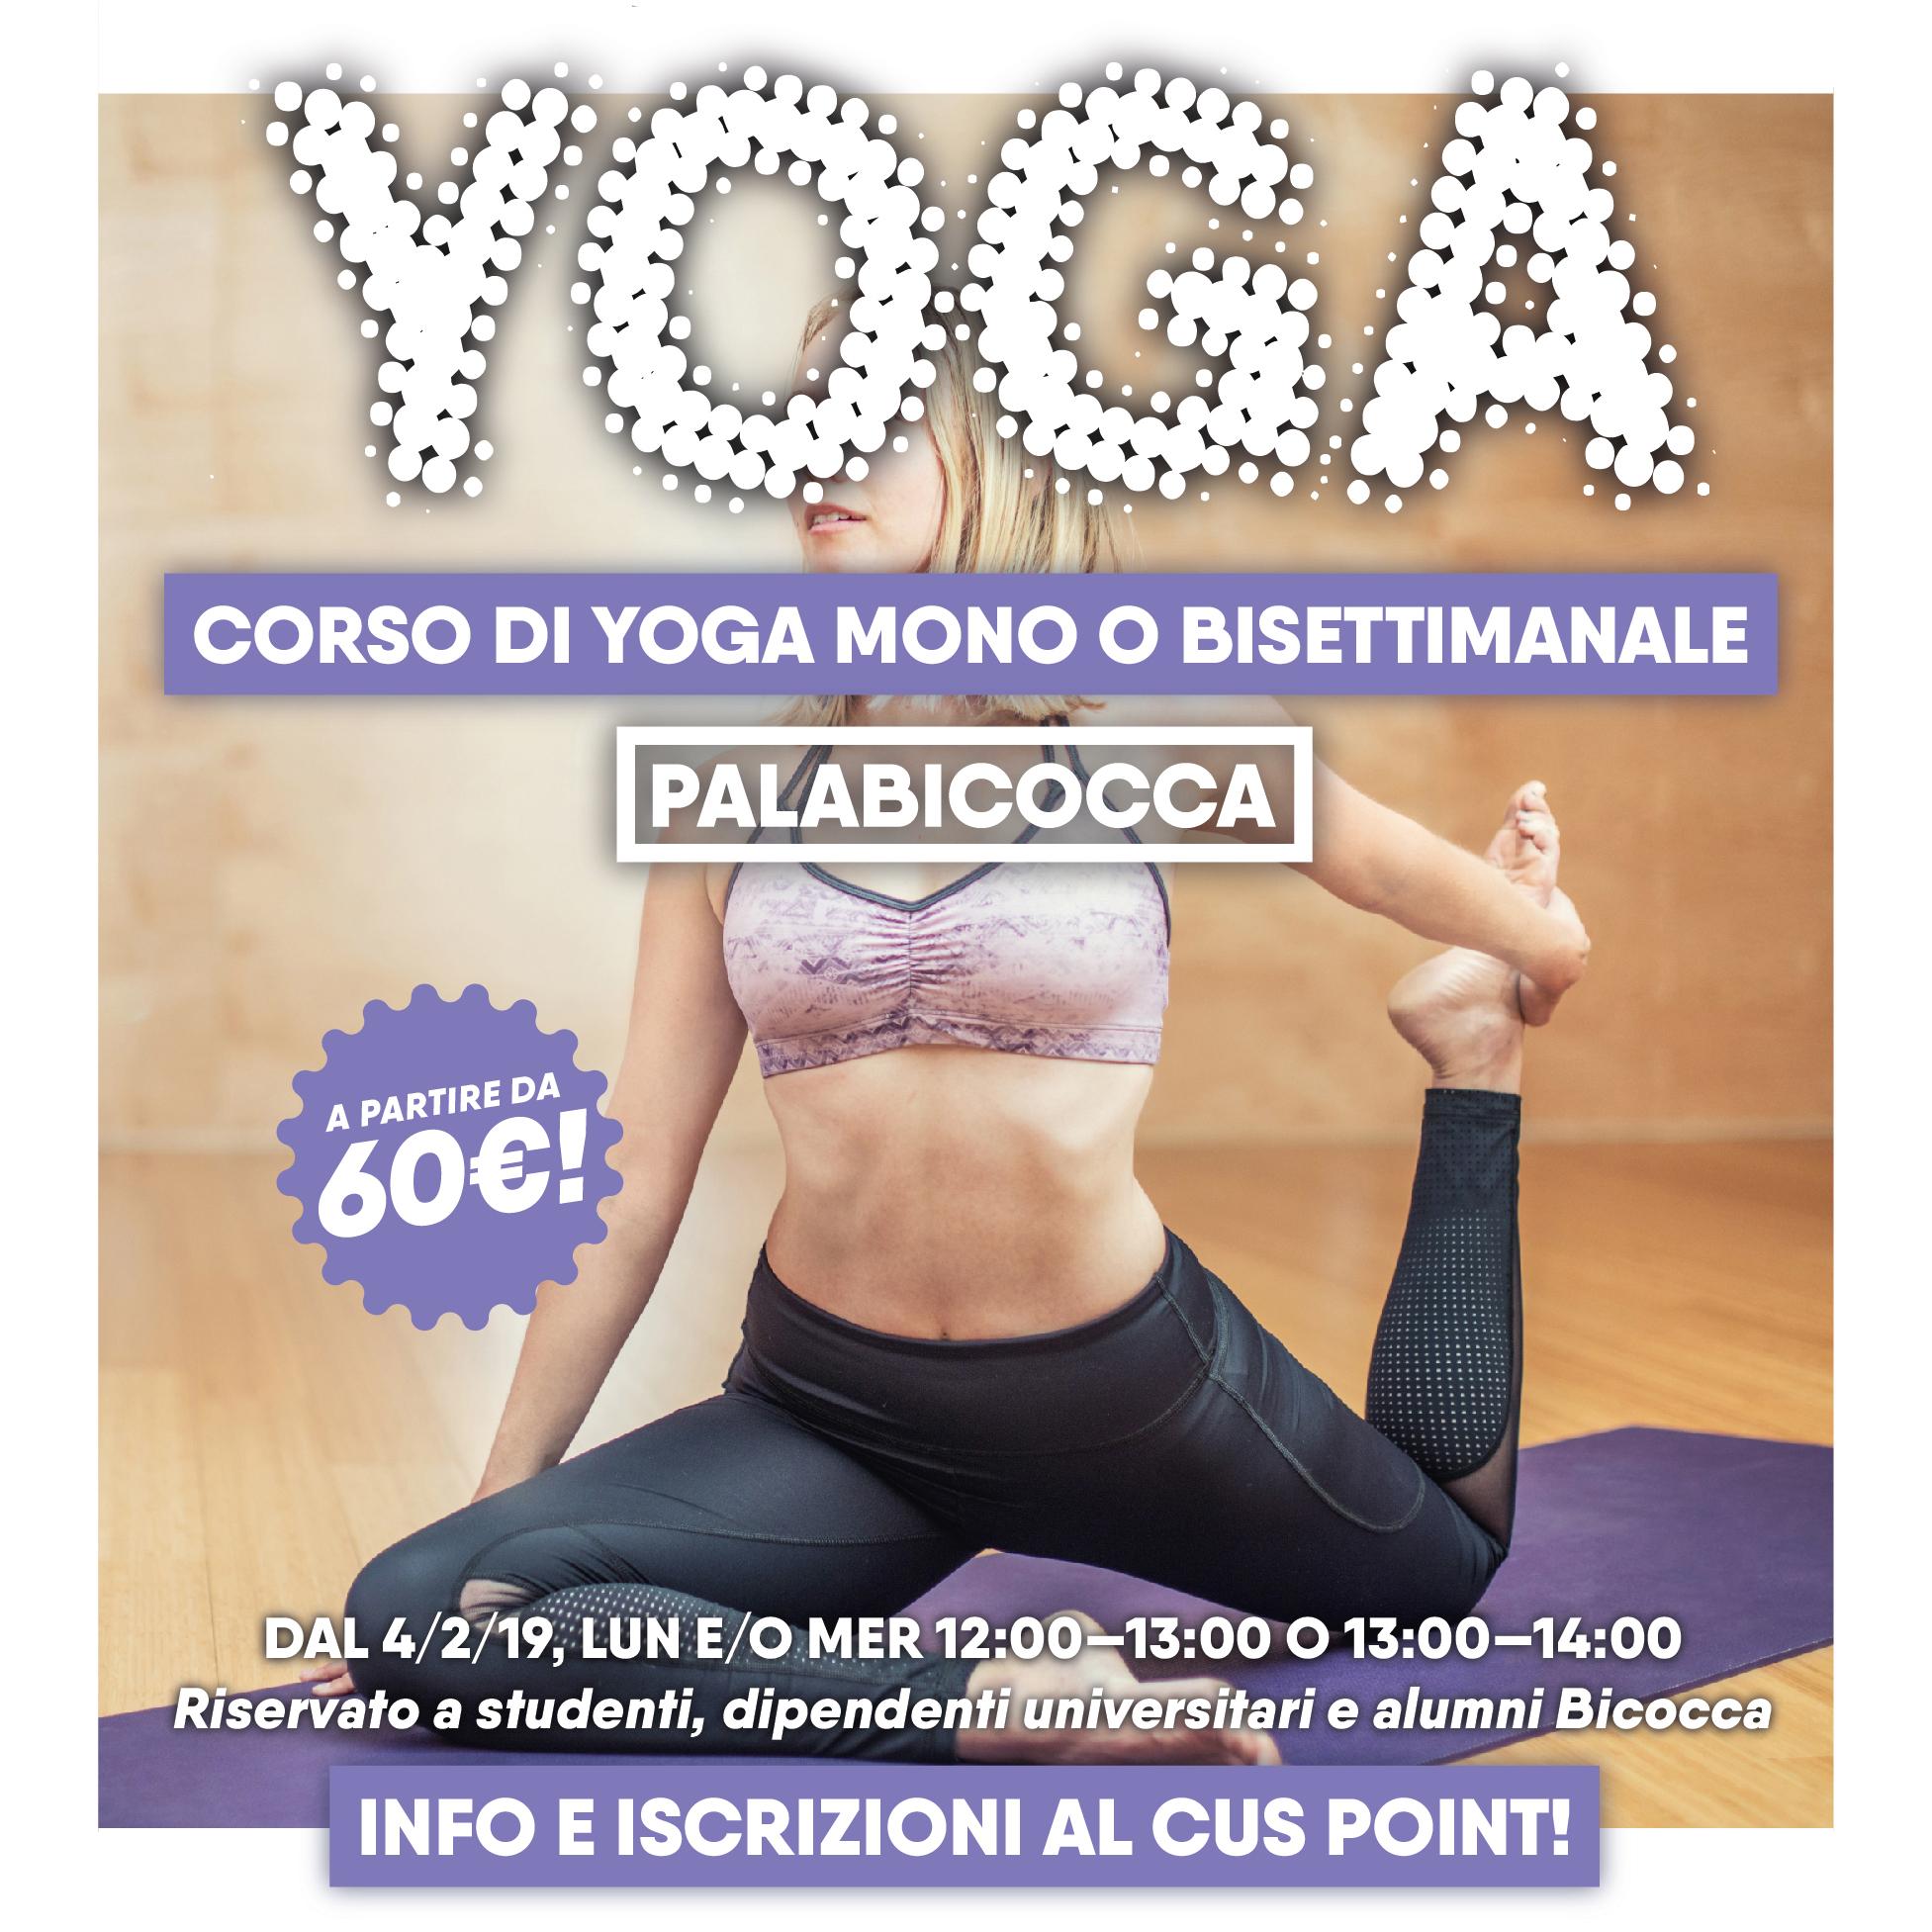 Corso di Yoga 2019 - CUS Bicocca